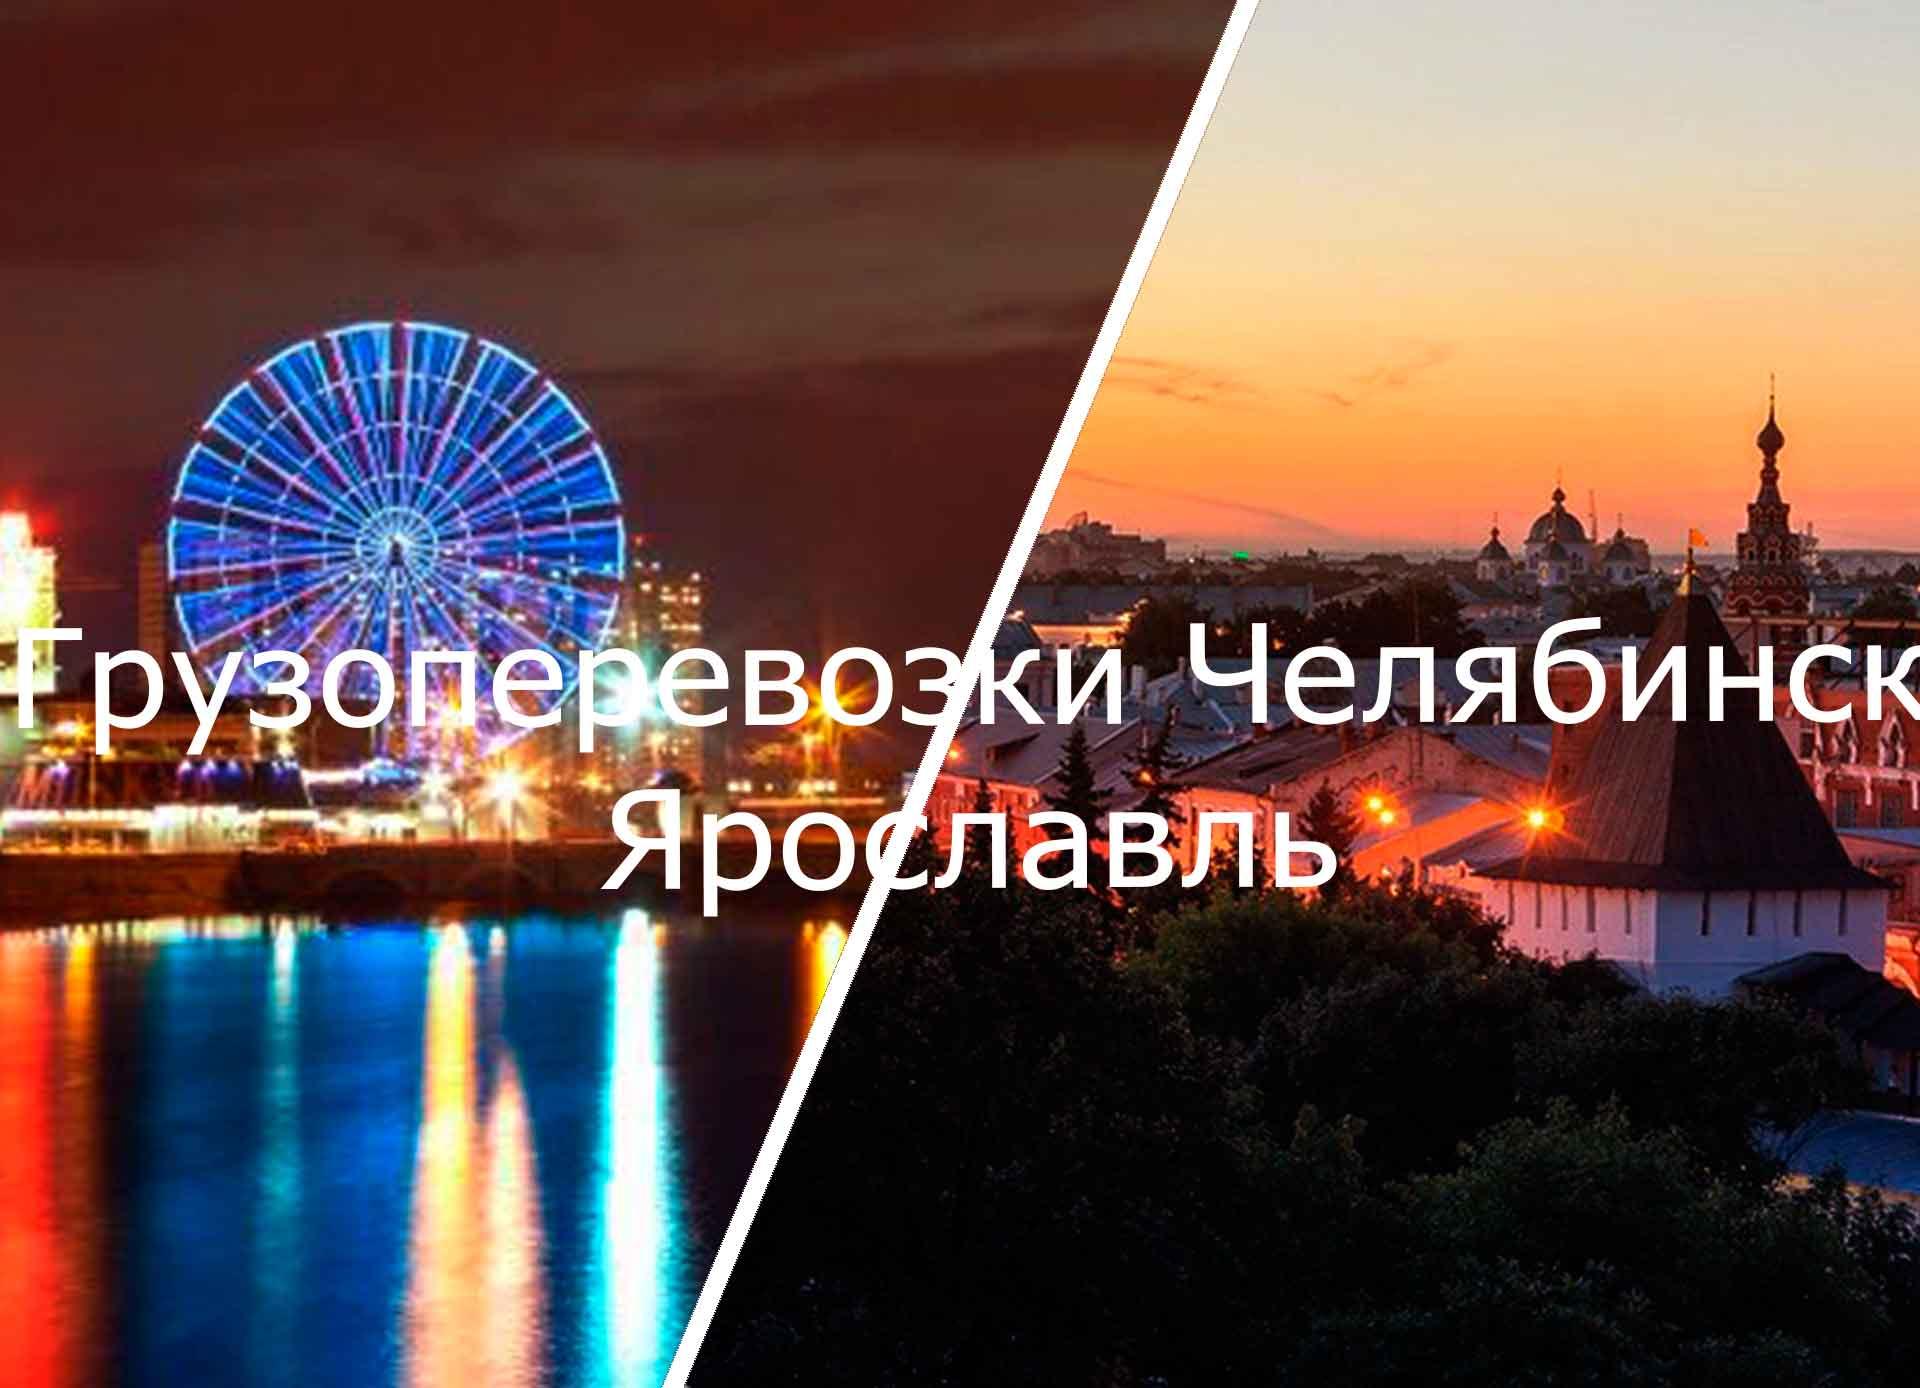 грузоперевозки челябинск ярославль